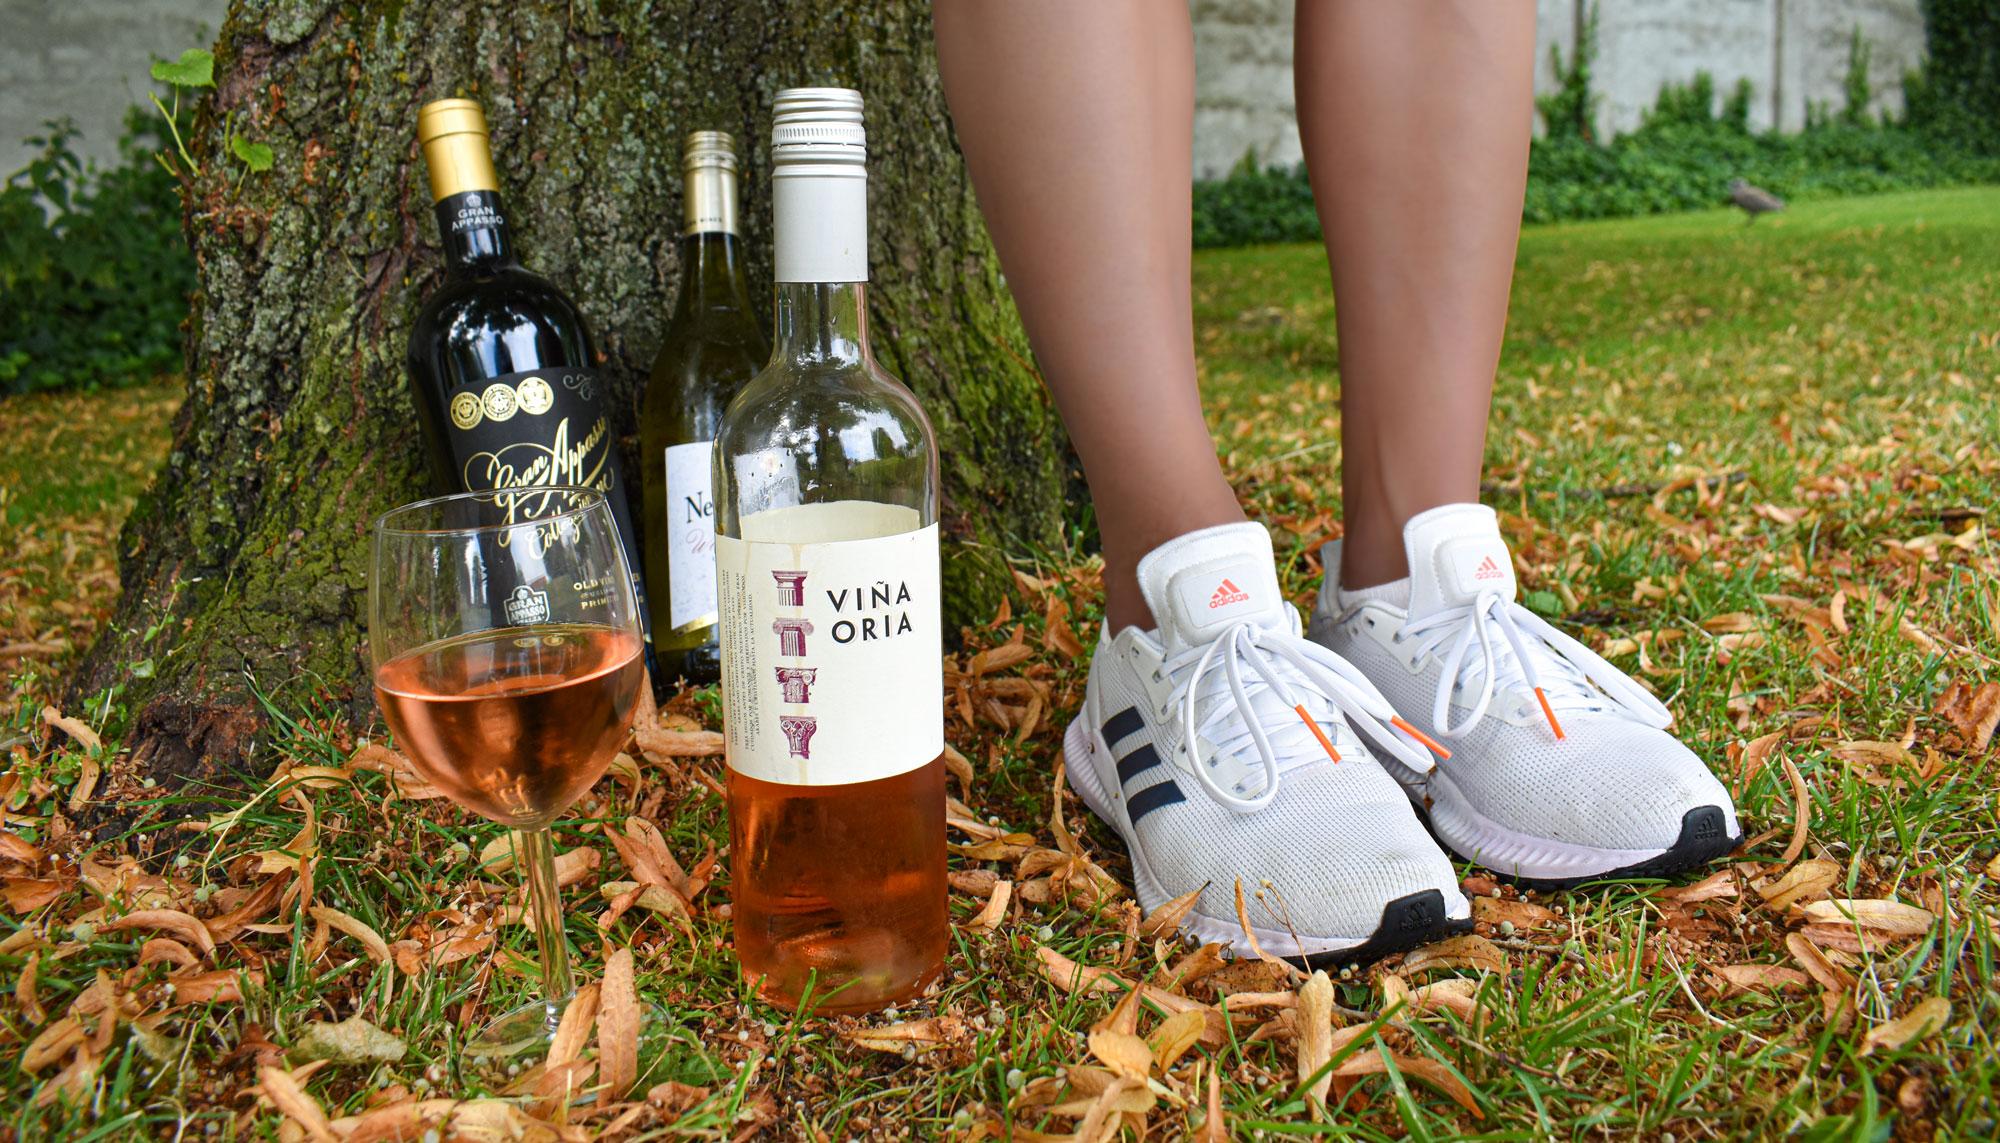 Vin, sved og ingen tårer: Kom til genialt vin-løb i næste uge